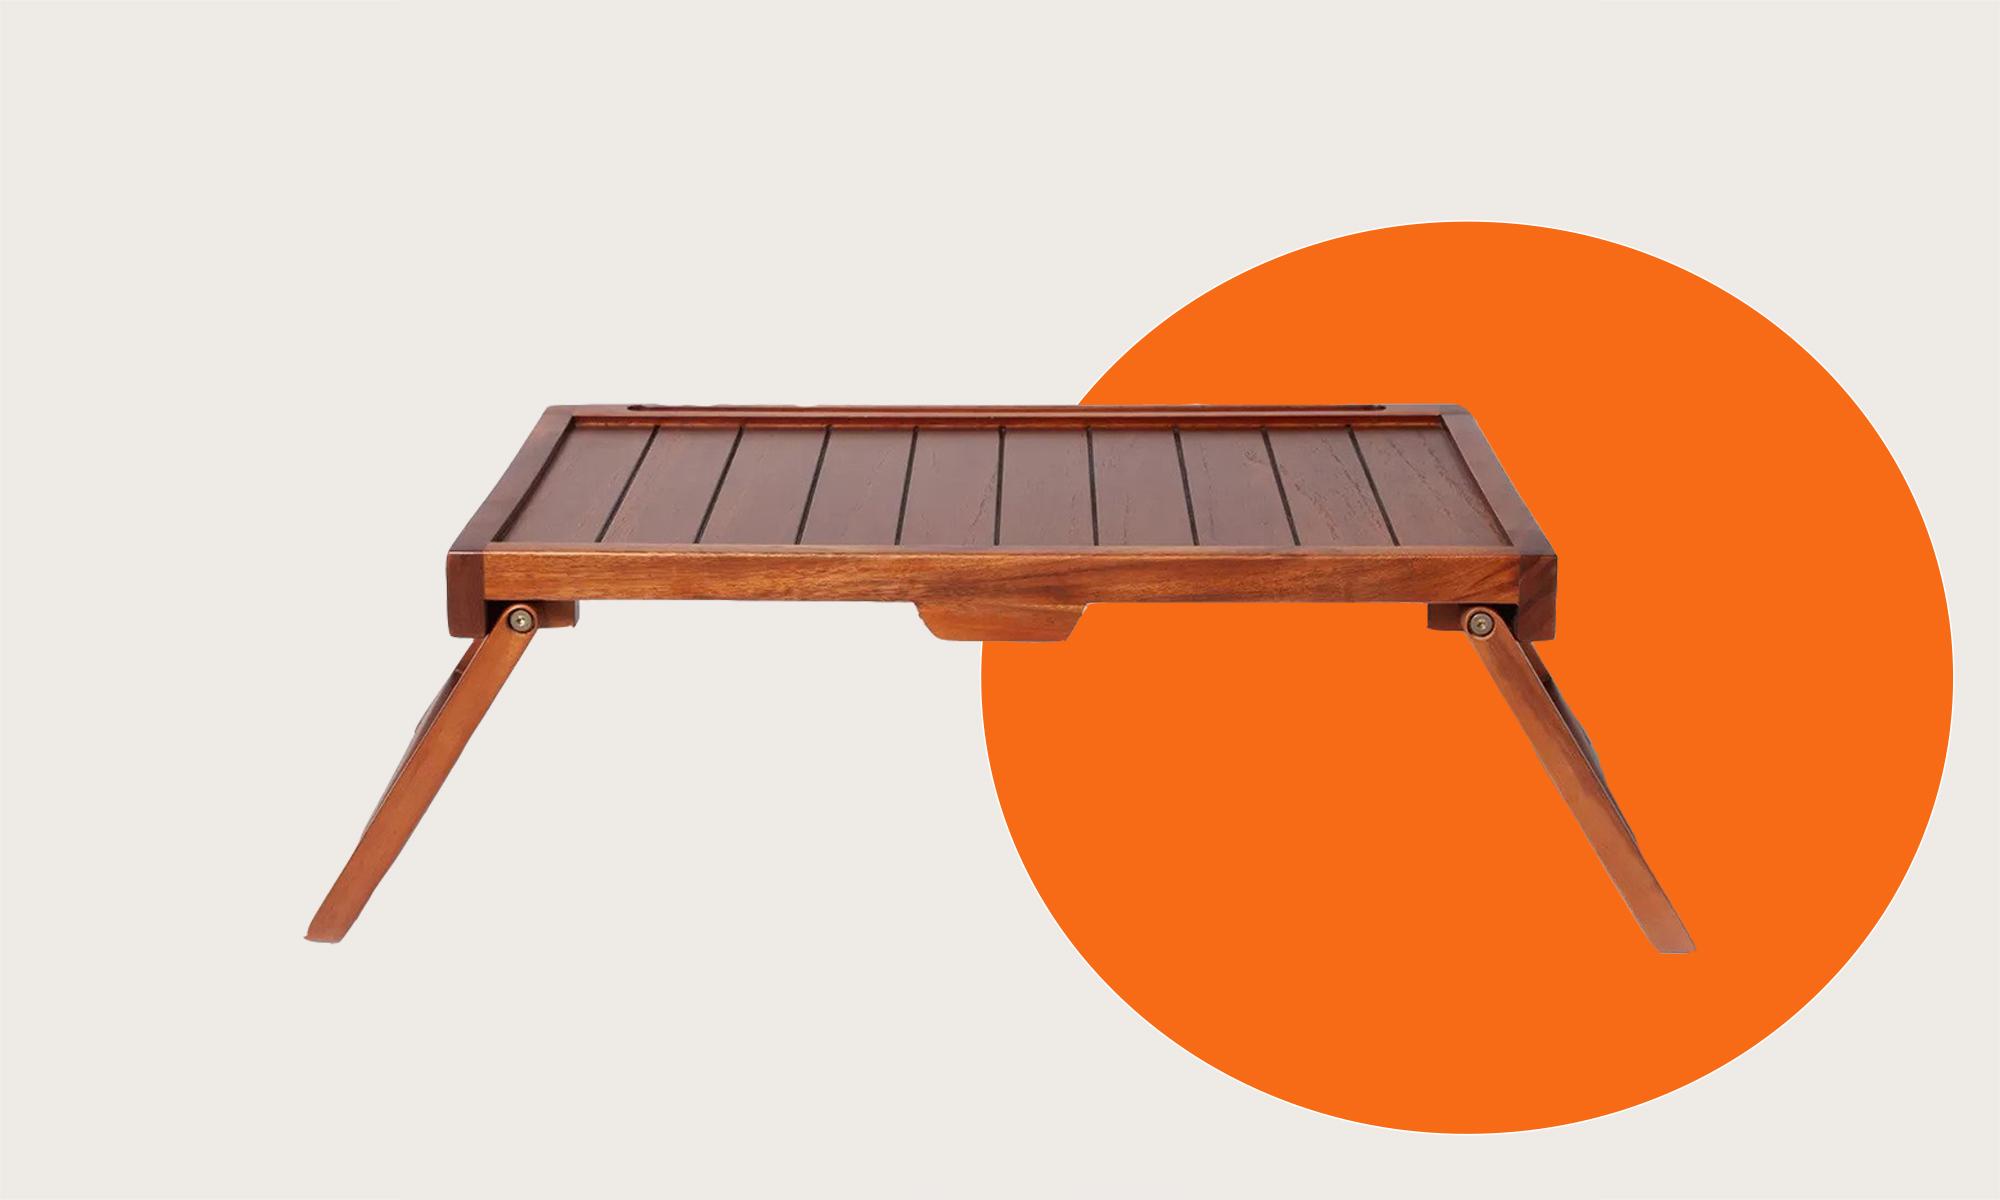 A wood breakfast tray